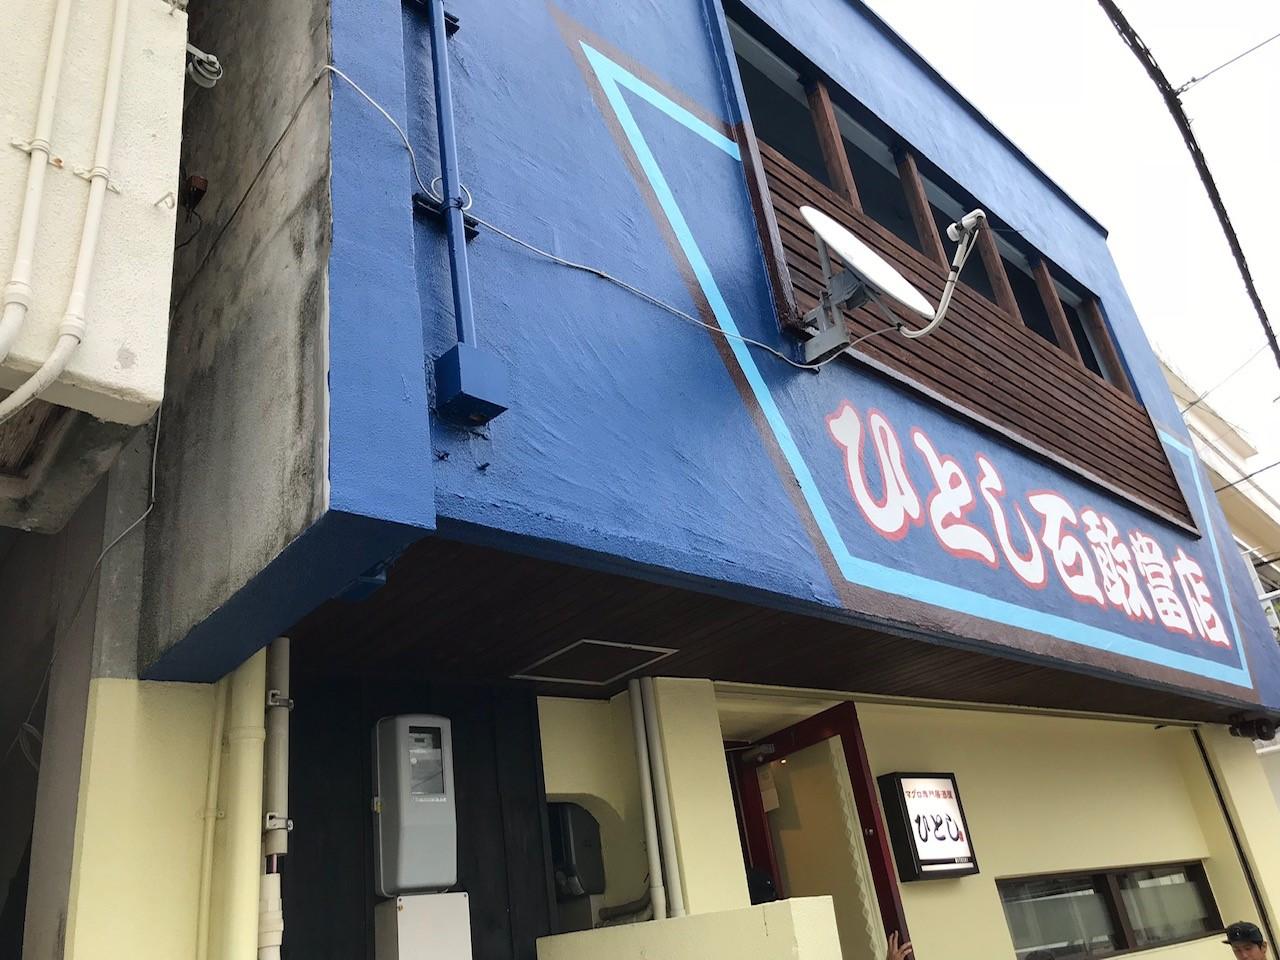 石垣島で超人気店「まぐろ専門居酒屋 ひとし」に入店できるか!?